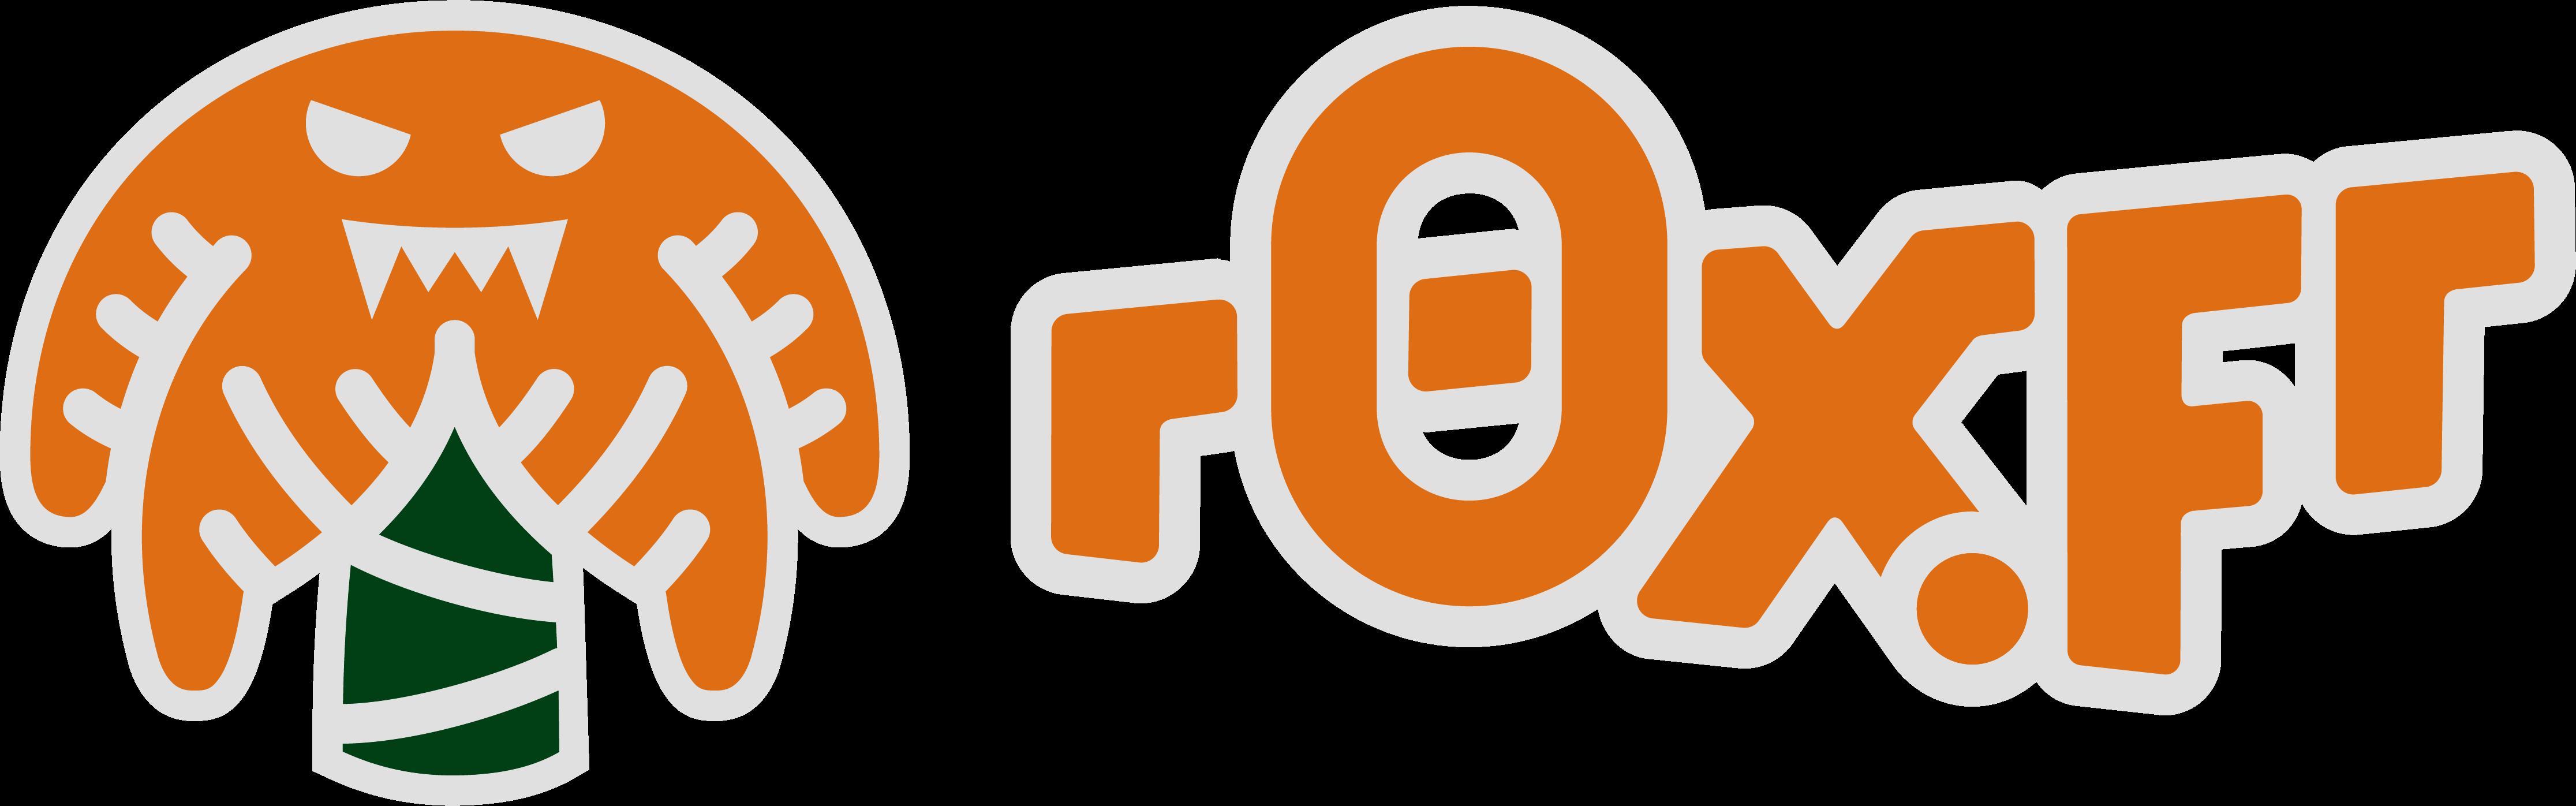 Forum de r0x.fr - Communauté de jeux-vidéo